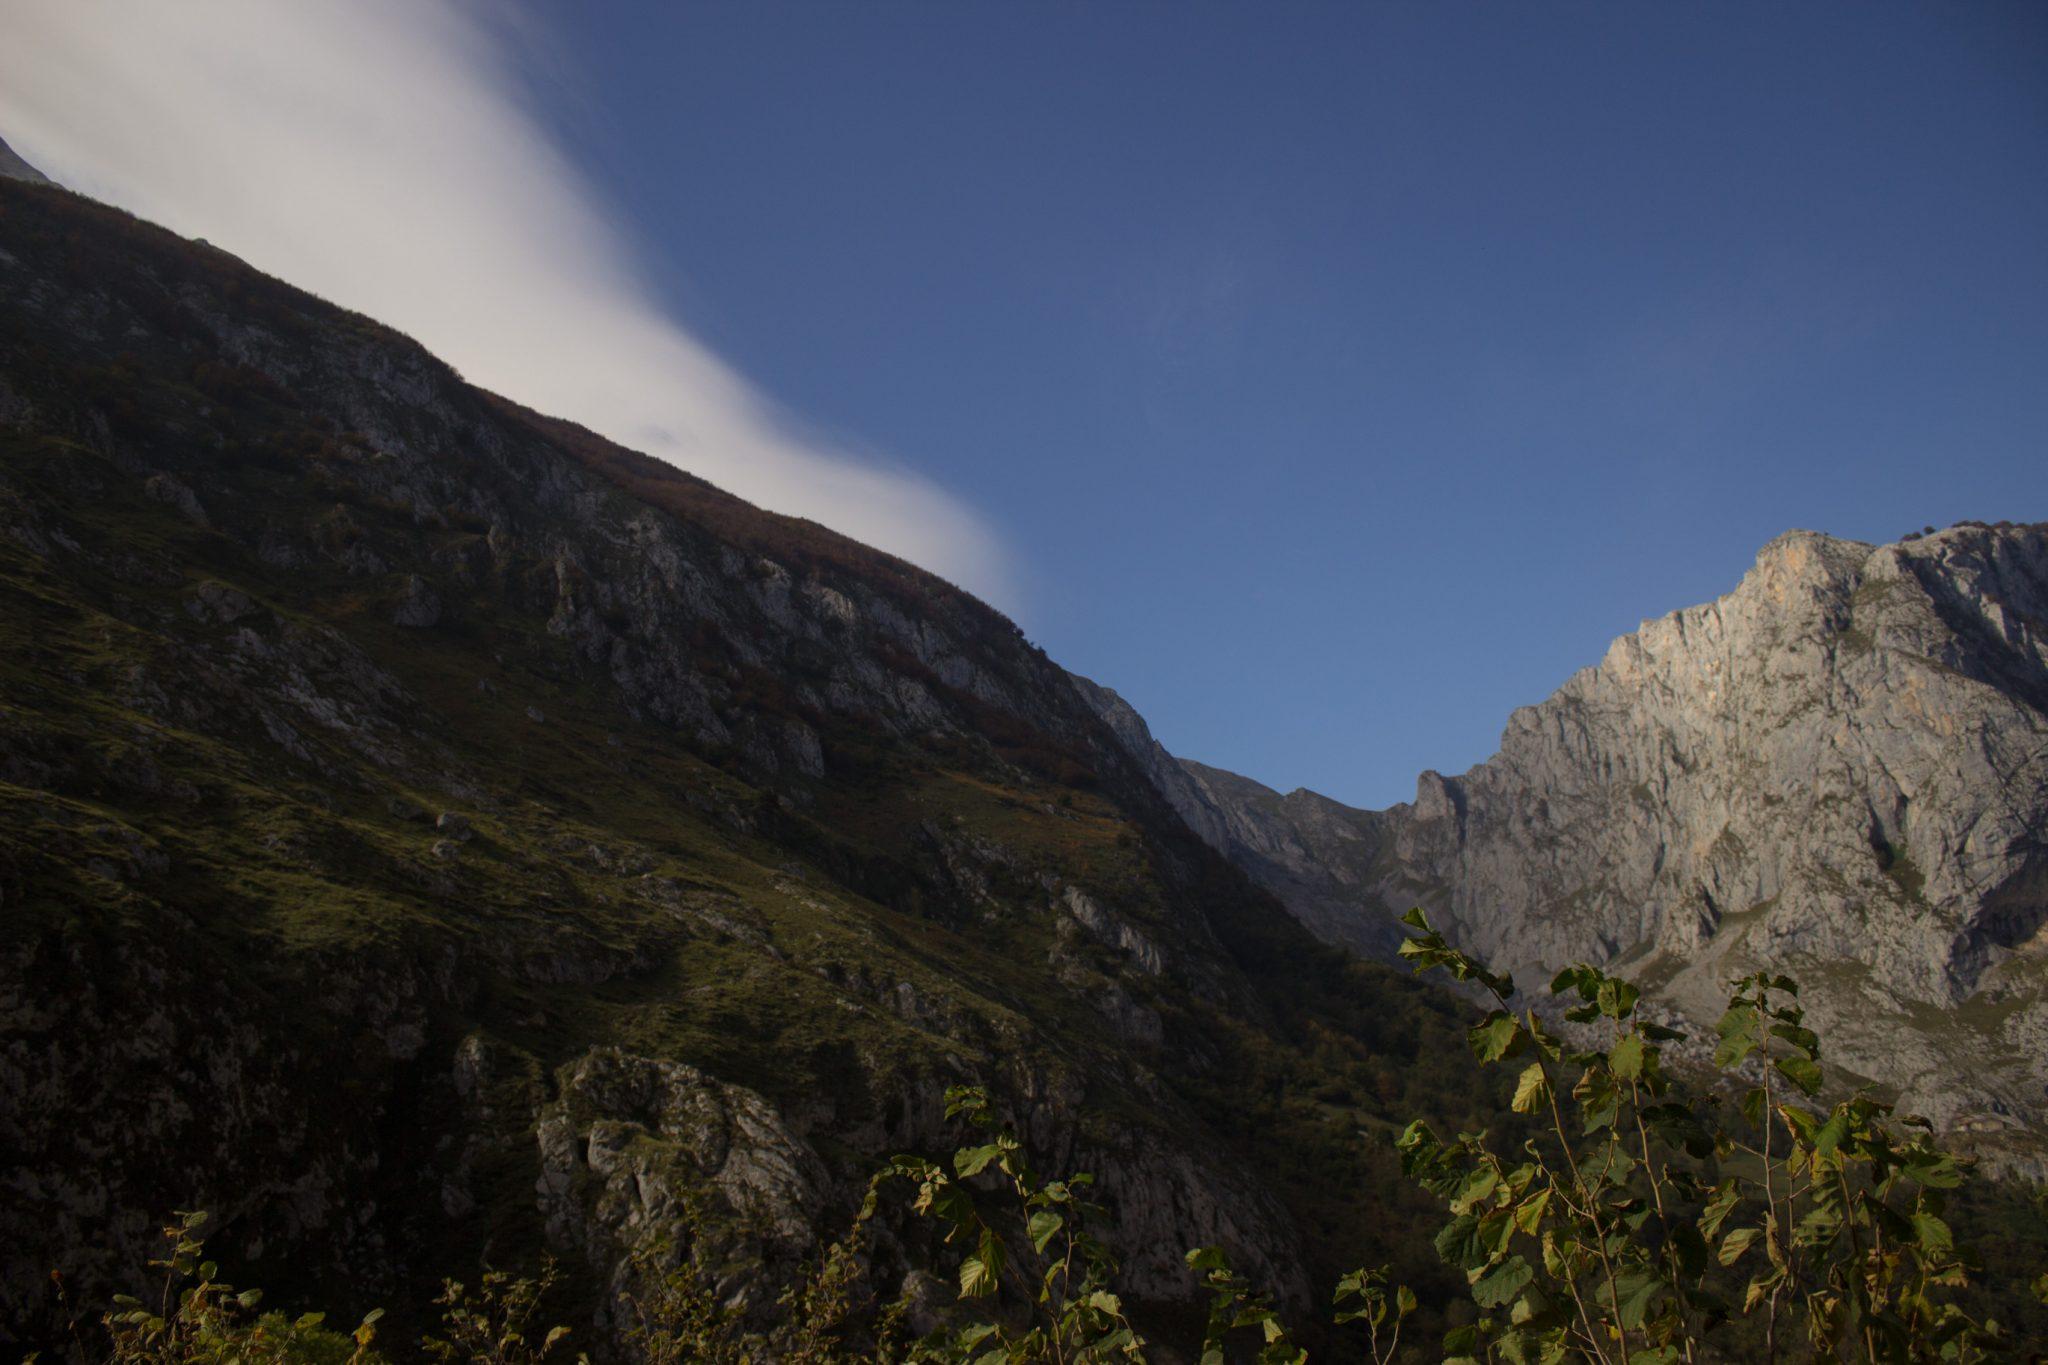 Wanderung Poncebos nach Bulnes in den Picos de Europa, schönes Herbstwetter zum Wandern mit Sonnenschein, hohe und steile Felswände